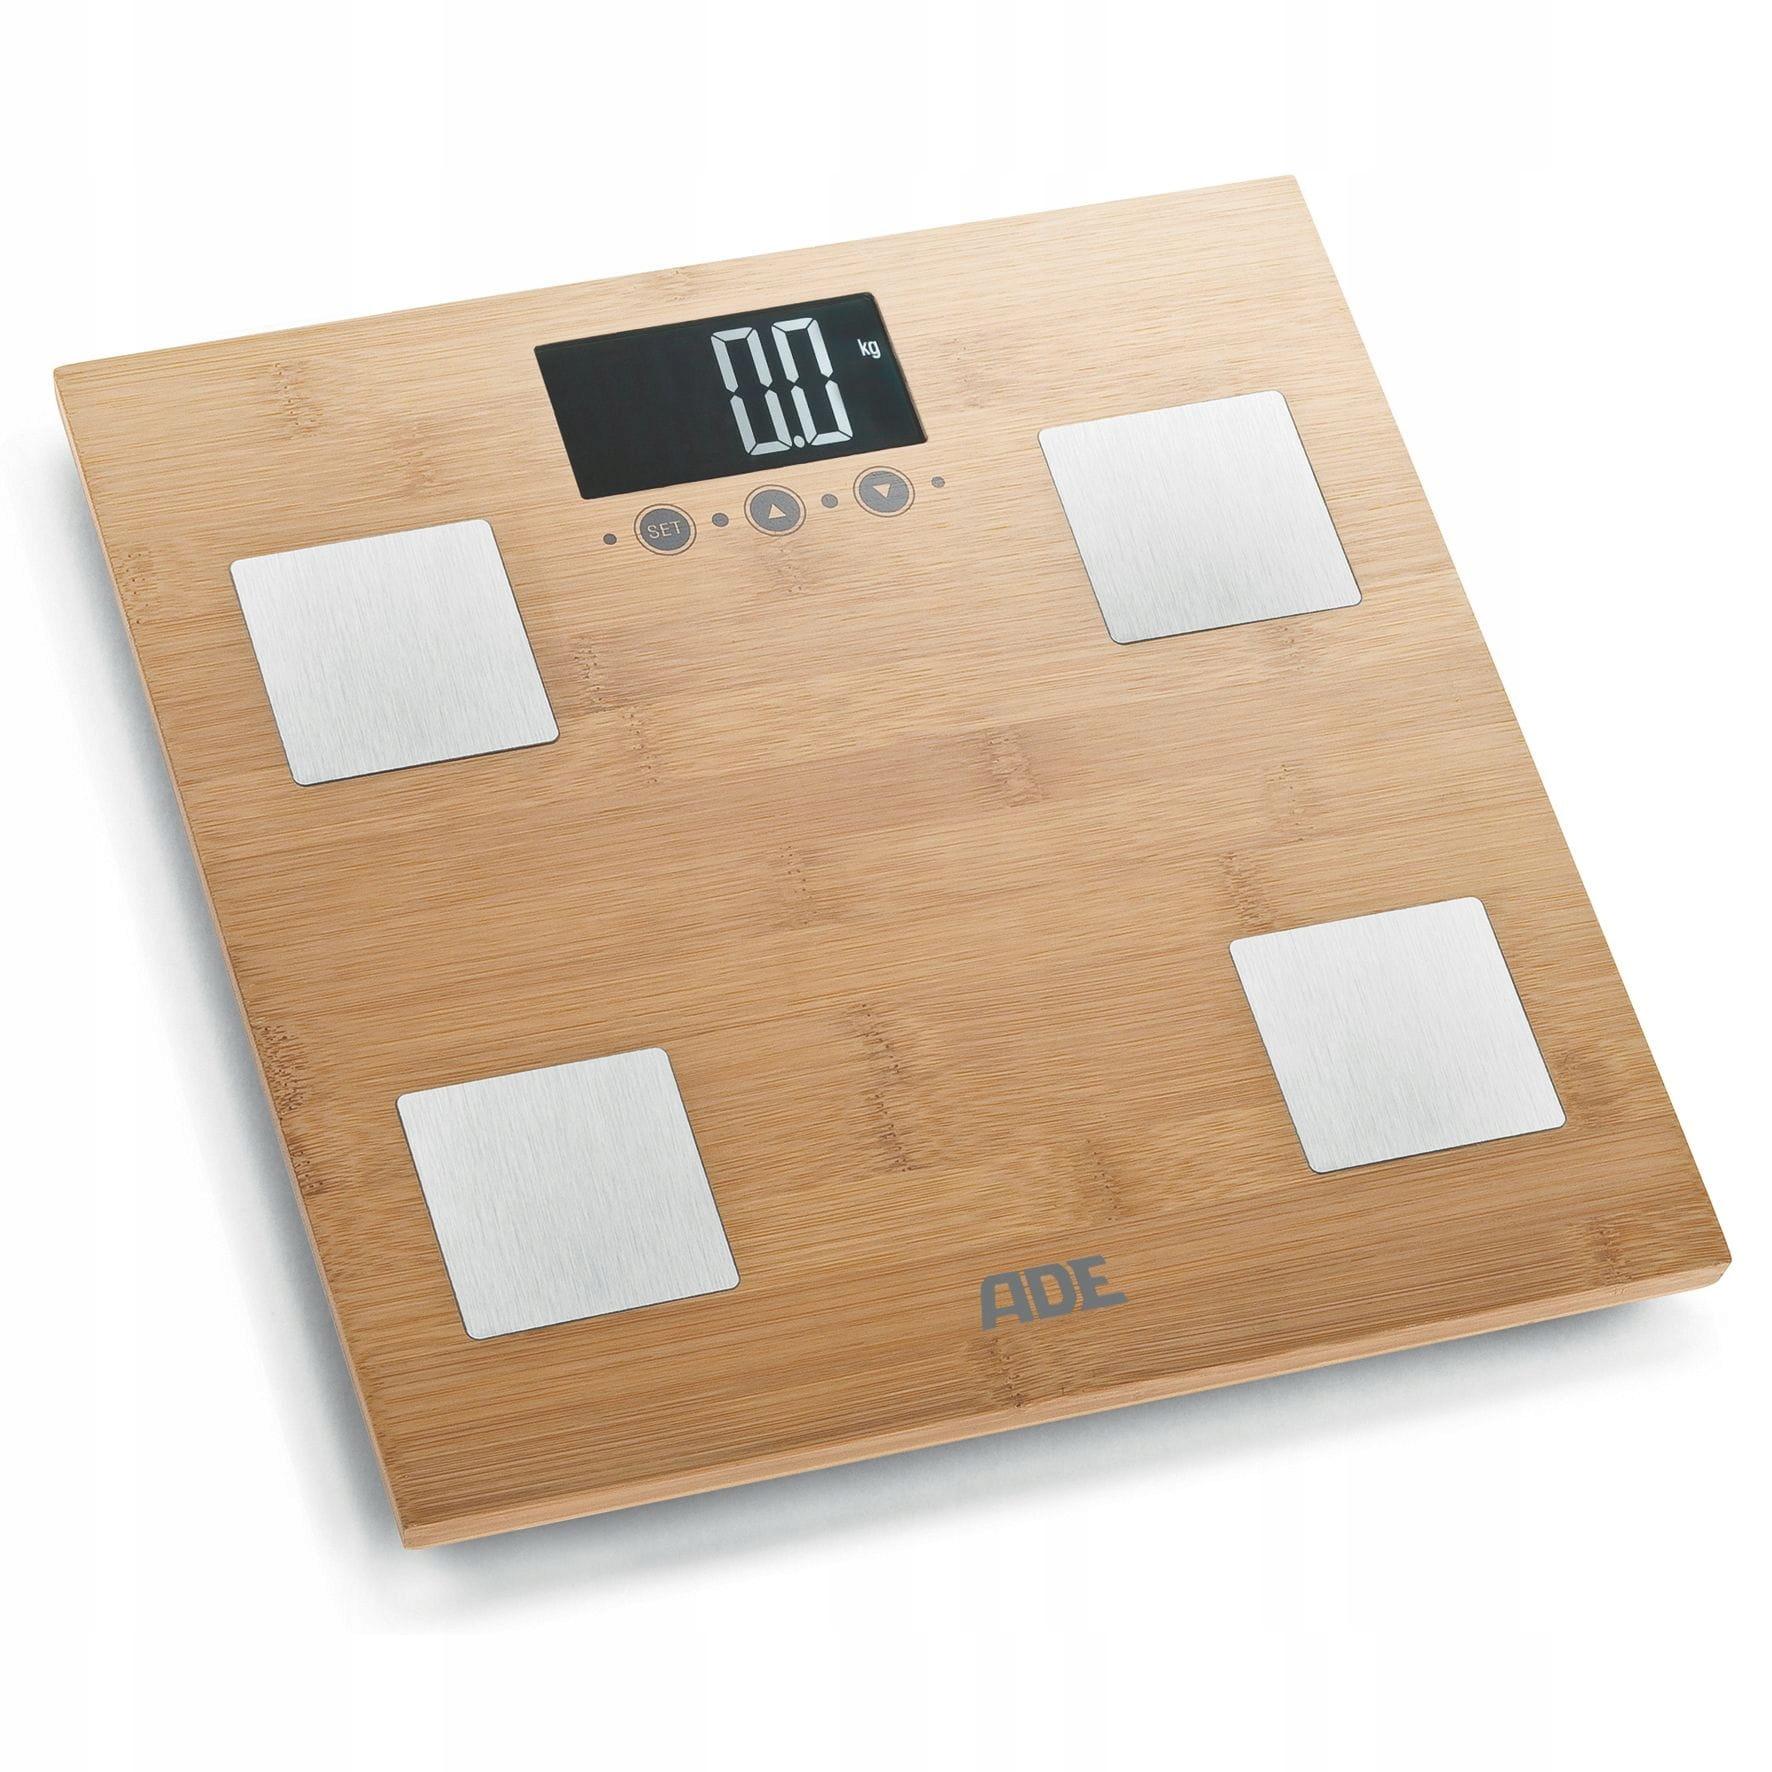 Bambusová váha ADE s analýzou telesnej hmotnosti